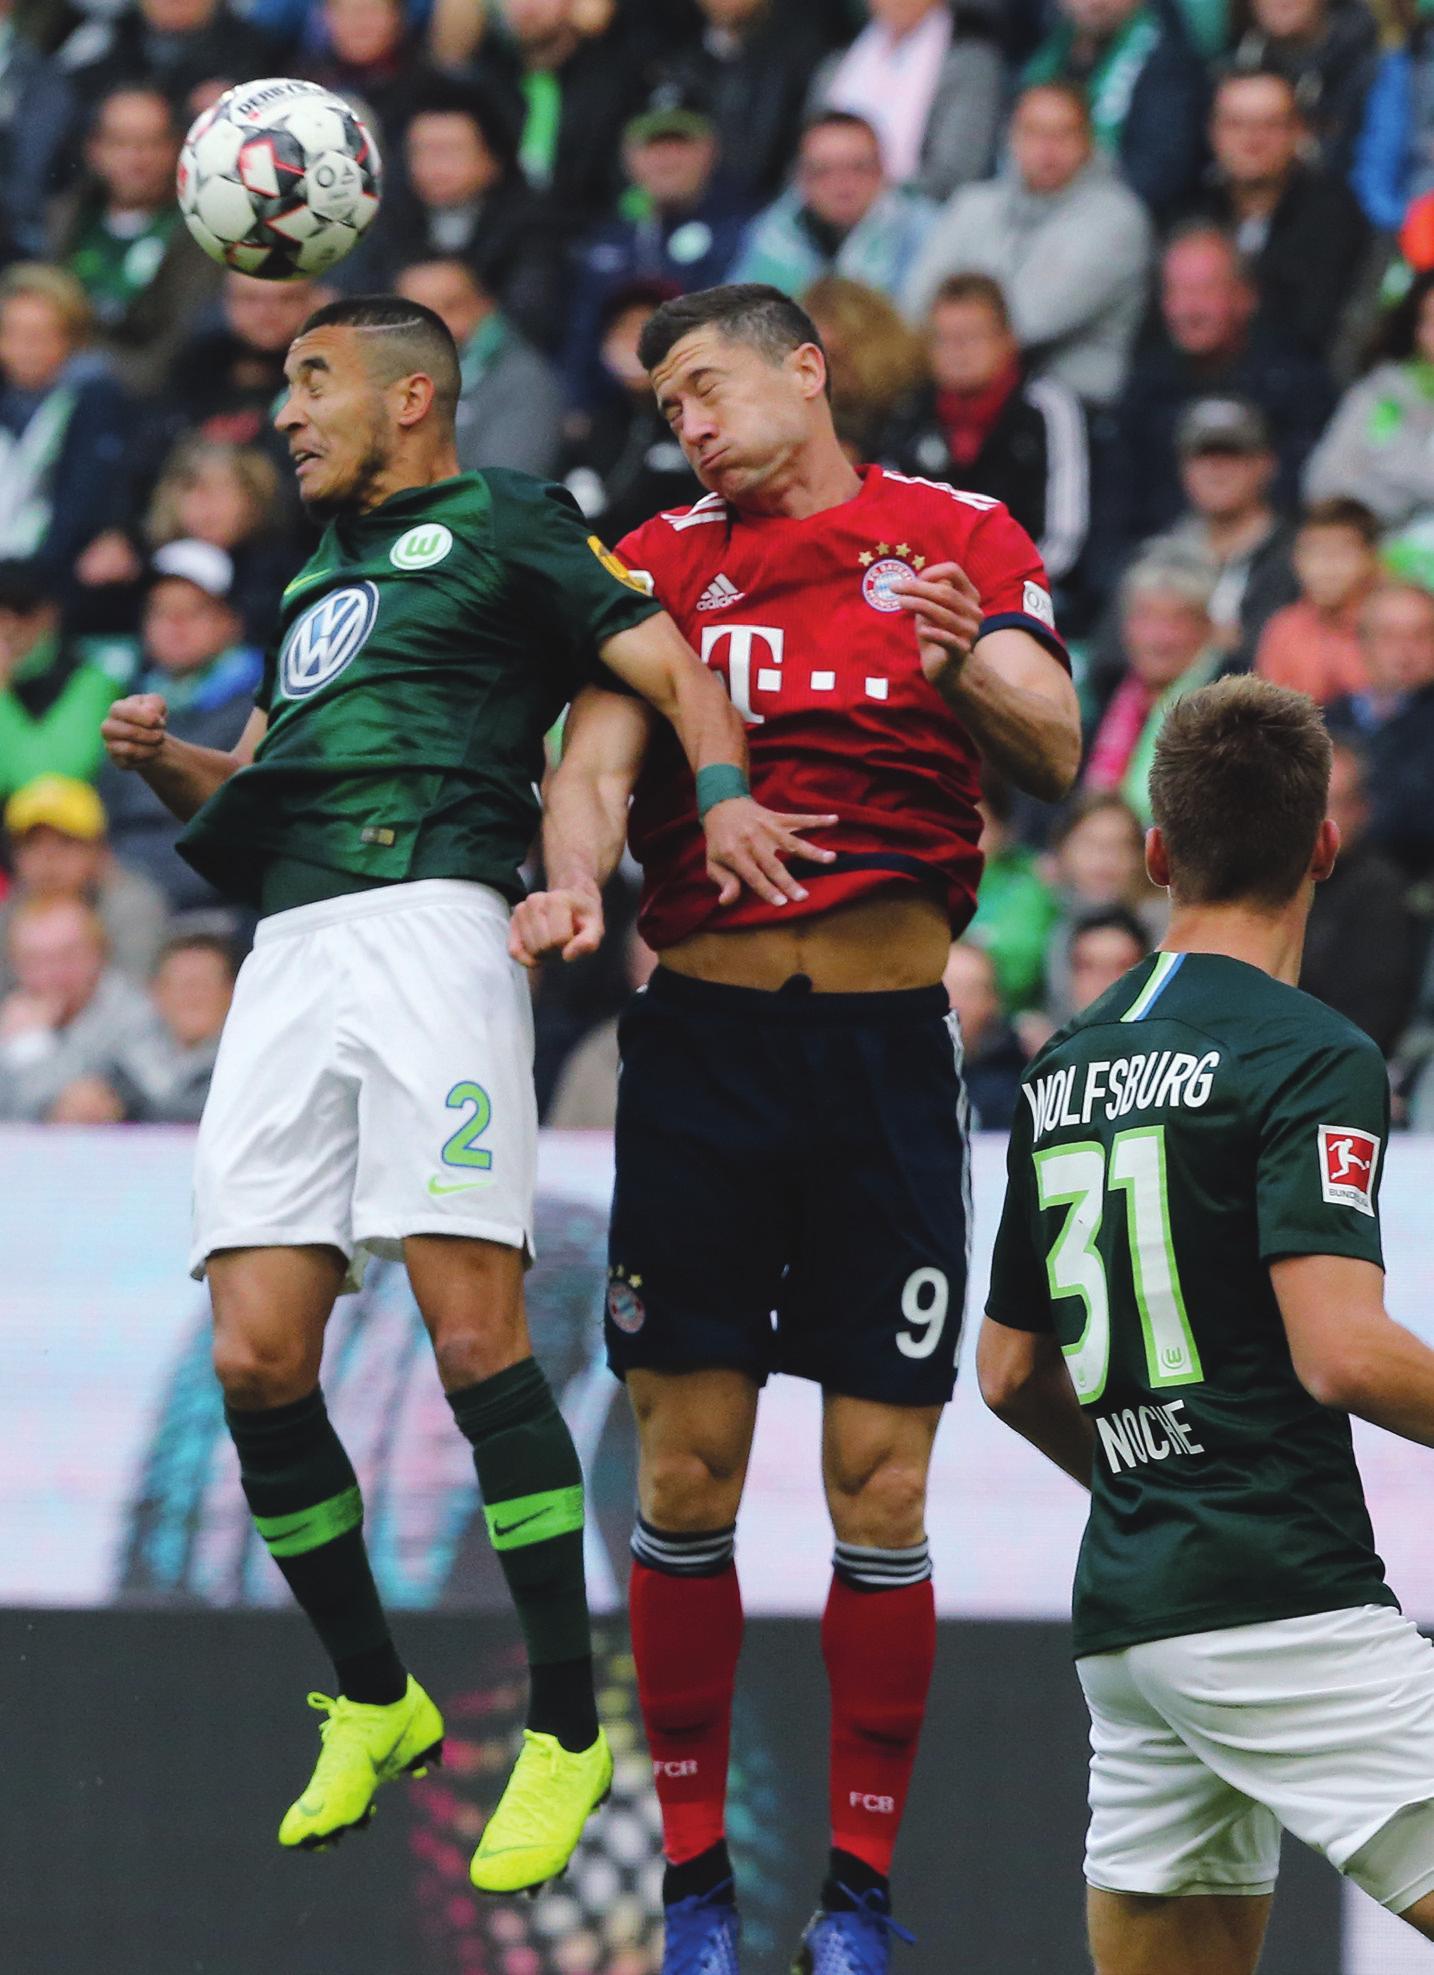 Die Bayern zum Schluss: Der VfL Wolfsburg (l. William) tritt am 17. Spieltag bei den Münchnern (M. Robert Lewandowski) an.